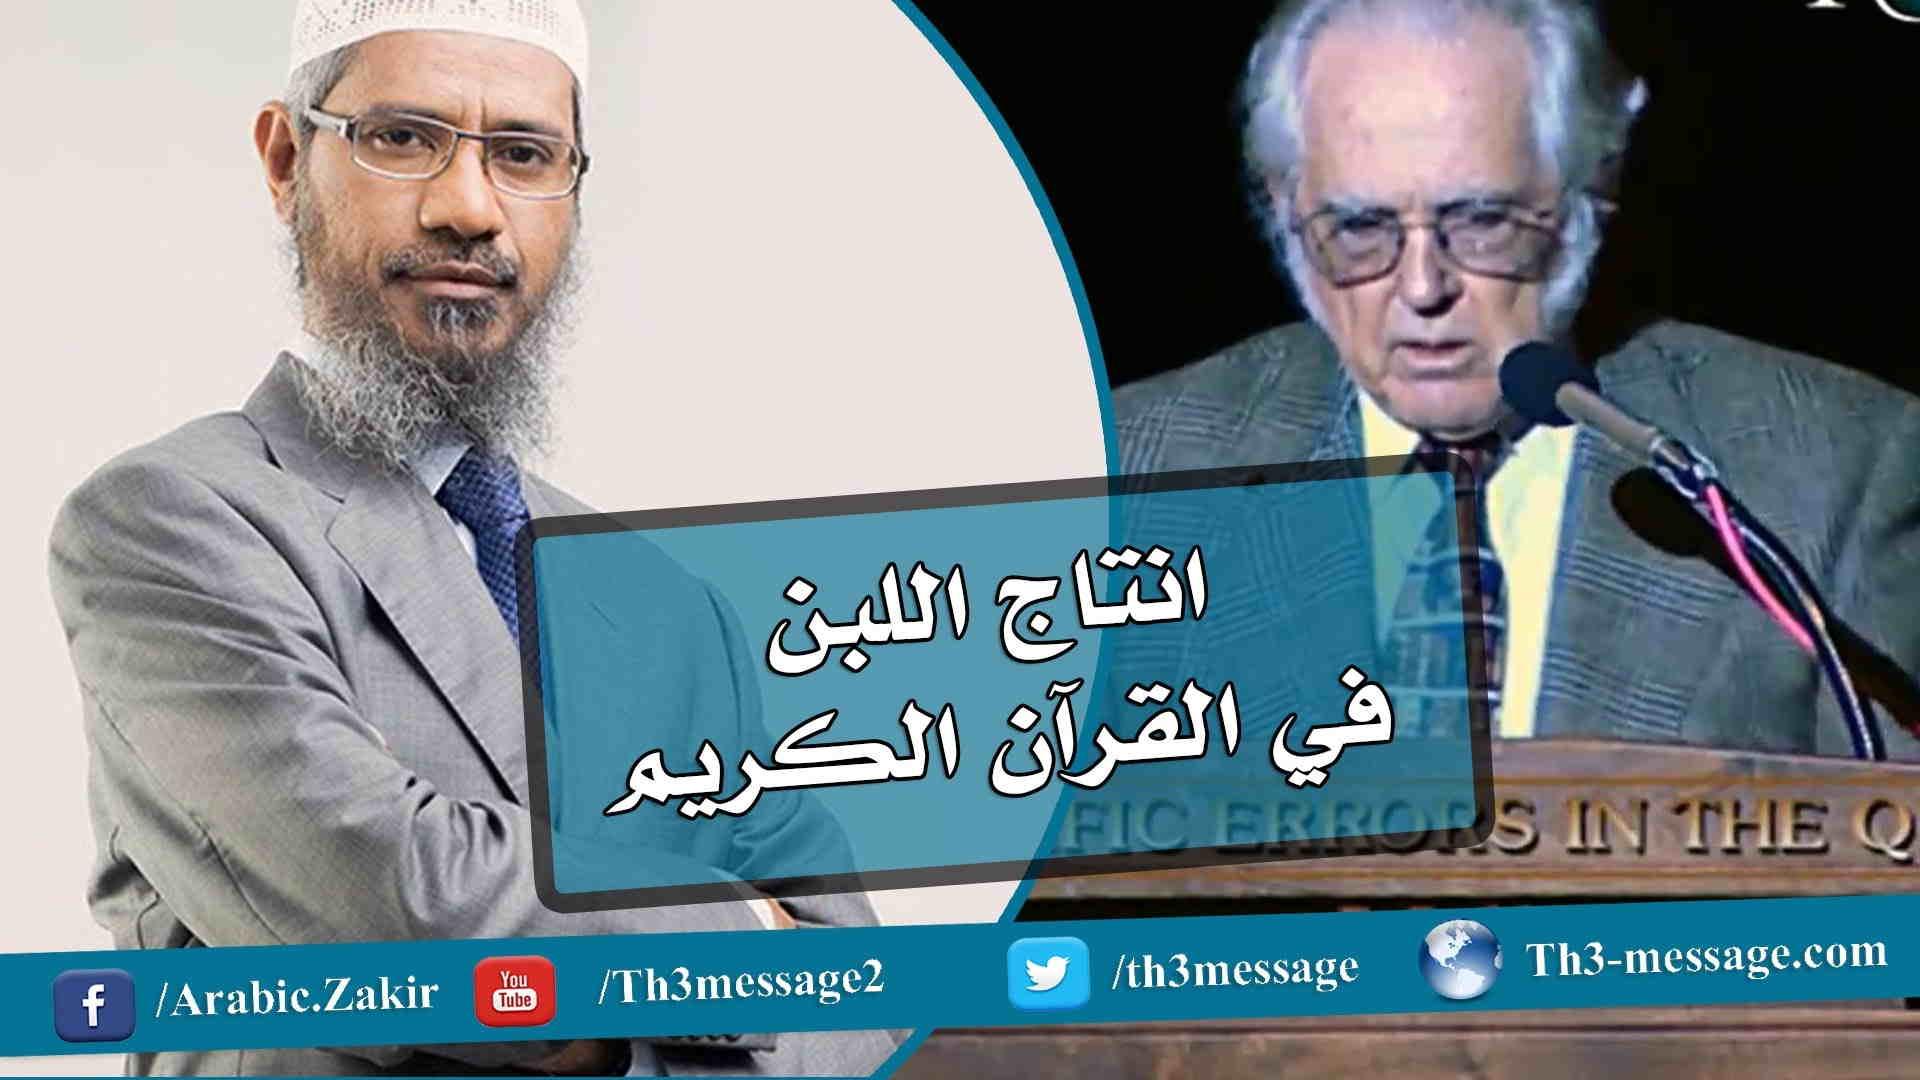 الرد على ويليام كامبل فيما يخص انتاج اللبن في القرآن الكريم - ذاكر نايك Zakir Naik